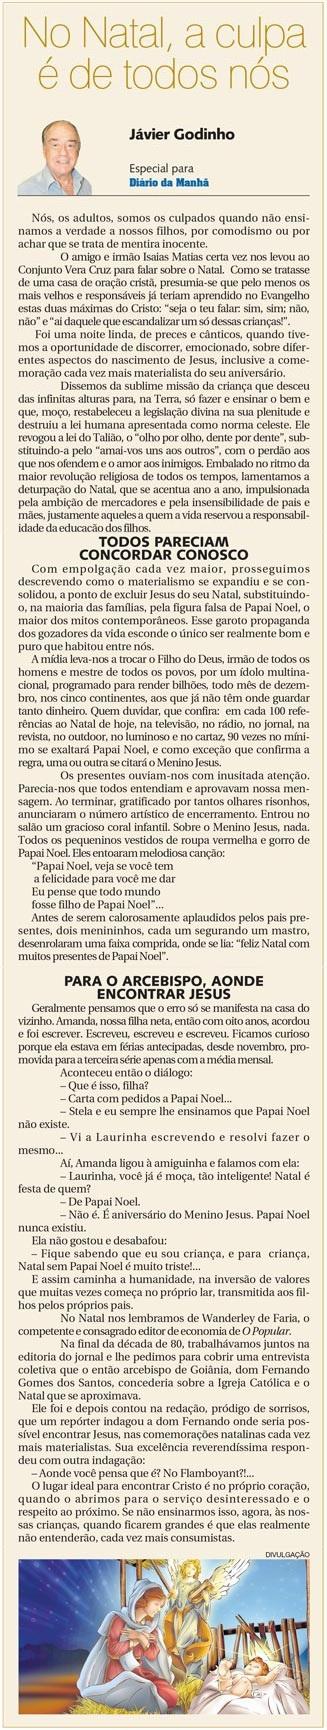 DM 10-12-2014 - No Natal, a culpa é de todos nós - Jávier Godinho